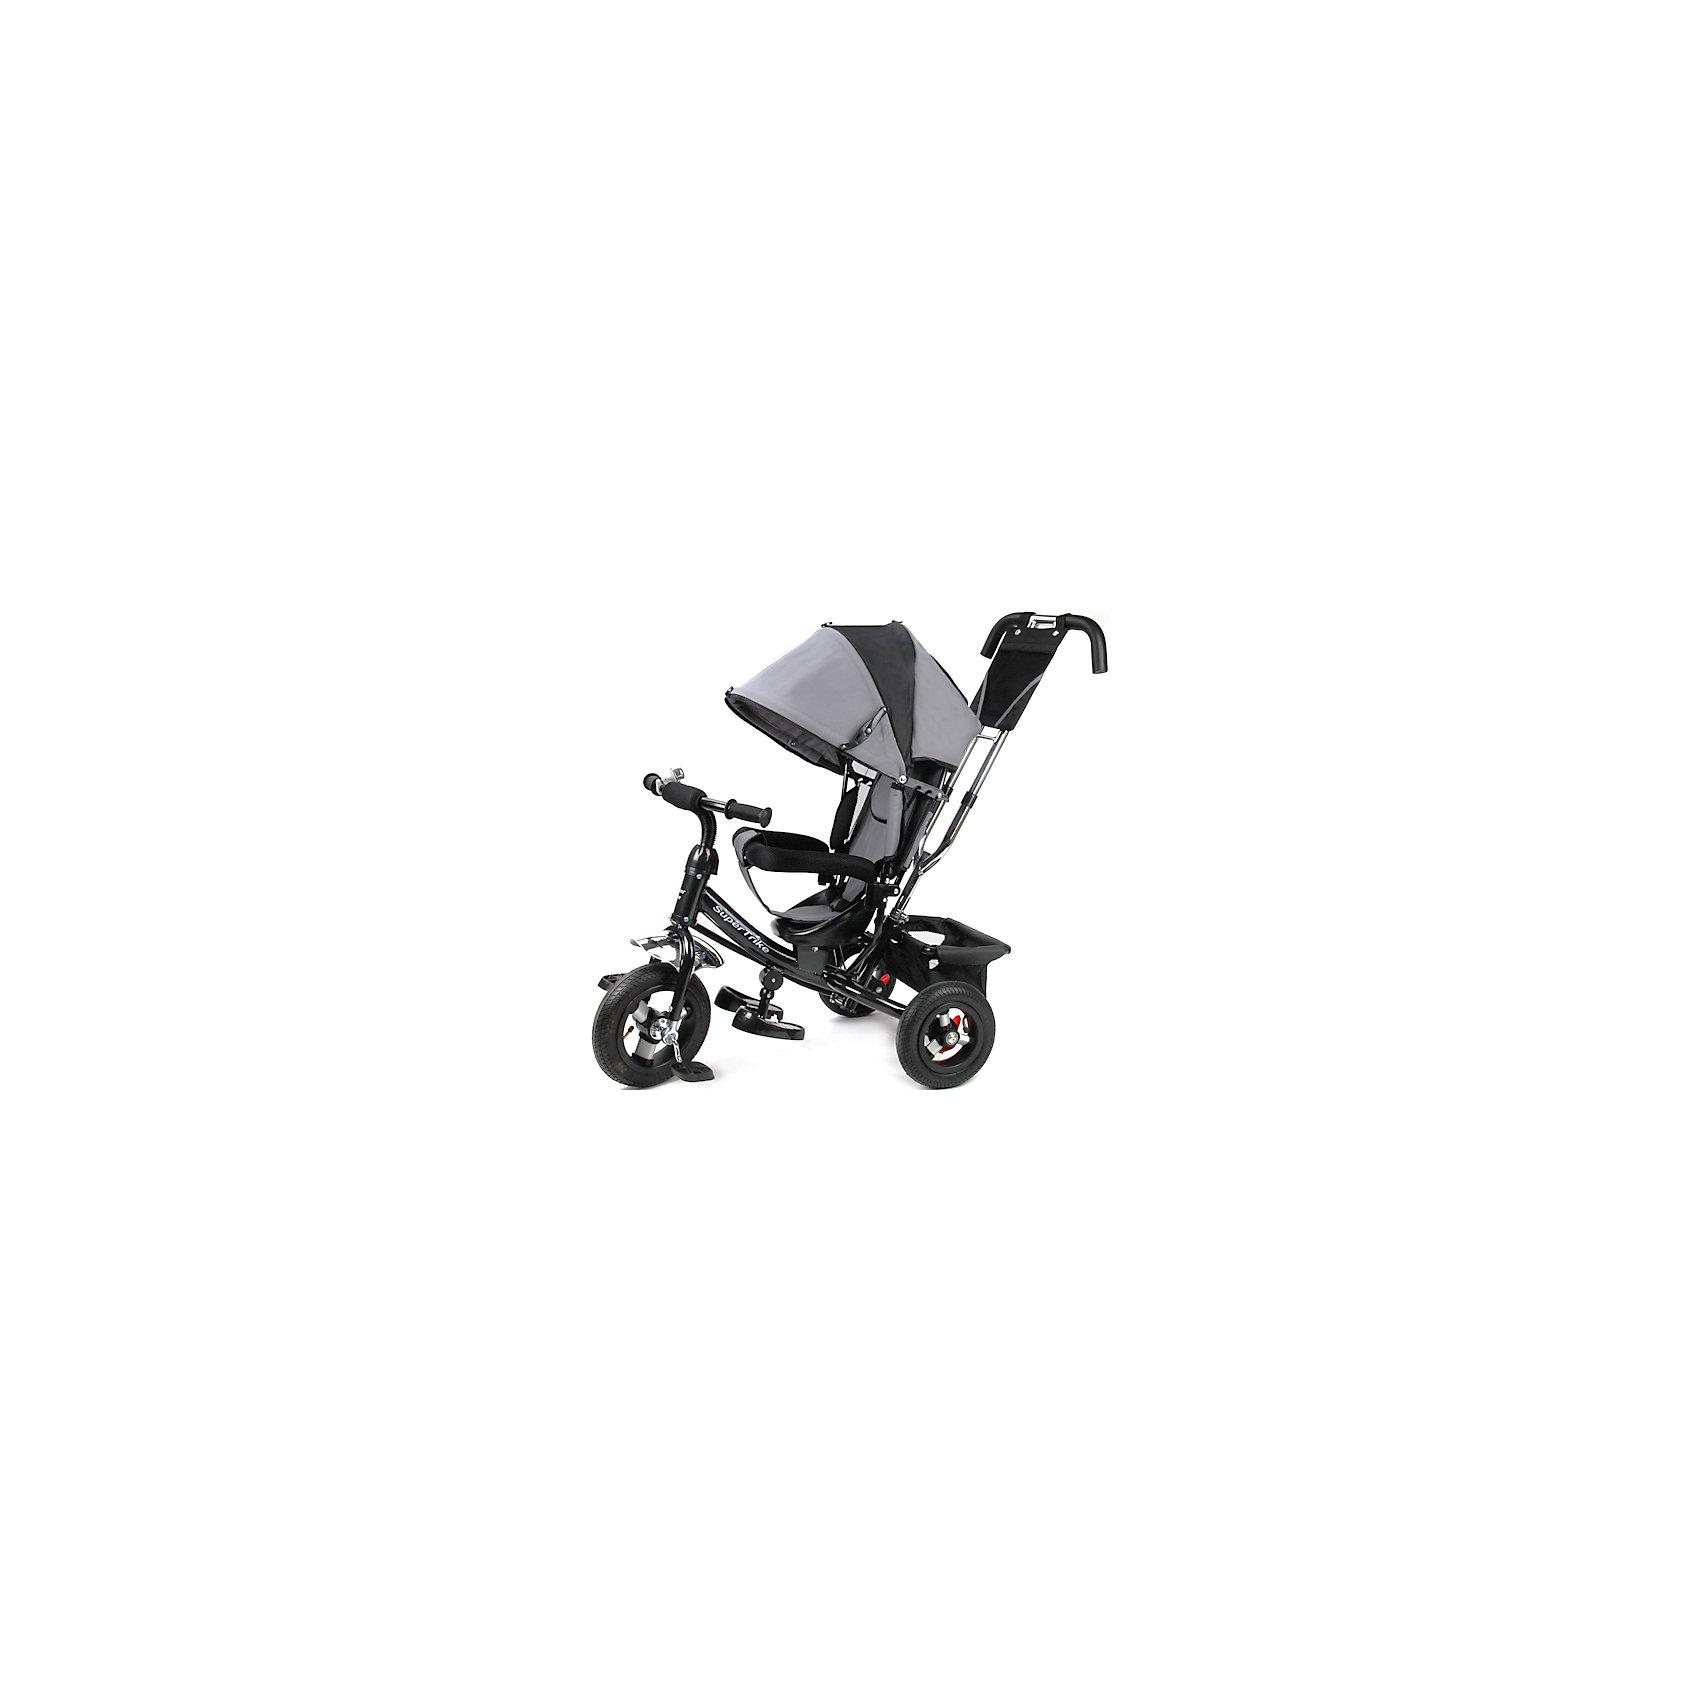 Трехколесный велосипед, с надувными колесами, Super TrikeТрехколесный велосипед Super Trike - прекрасный вариант для прогулок с малышом! Большие надувные колеса обеспечивают отличную проходимость и амортизацию. Для родителей предусмотрена специальная ручка, которая помогает управлять велосипедом, меняя угол поворота переднего колеса.  Ремни безопасности и съемный бампер обеспечат комфорт и защиту для малышей. Большой складной капюшон убережет кроху от солнца или же мелкого дождя, а регулируемая спинка и складная подножка под сиденьем позволят отдохнуть, если ребенок устанет во время прогулки. Велосипед имеет тормоз на задних колесах и корзину для вещей или игрушек. Модель выполнена из прочных материалов, все текстильные элементы изготовлены из влагоустойчивой ткани, которая легко стирается. <br><br>Дополнительная информация:<br><br>- Материал: пластик, металл, текстиль.<br>- Размер: 47 x 110 x 81 см.<br>- Количество колес: 3.<br>- Надувные колеса: D - 10 и 8 дюймов<br>- Съемная родительская ручка, управляющая передним колесом.<br>- Регулируемая спинка.<br>- Ремни безопасности.<br>- Бампер.<br>- Складной капюшон (снимается).<br>- Мягкий чехол на сиденье.<br>- Складные подножки под сиденьем.<br>- Тормоз на задних колесах.<br>- Багажная корзина.<br>- Ручка, крыша, бампер и корзина снимаются.<br>- Максимальный вес ребенка: 30 кг.<br><br>Трехколесный велосипед, с надувными колесами, Super Trike, можно купить в нашем магазине.<br><br>Ширина мм: 270<br>Глубина мм: 400<br>Высота мм: 600<br>Вес г: 11000<br>Возраст от месяцев: 12<br>Возраст до месяцев: 36<br>Пол: Унисекс<br>Возраст: Детский<br>SKU: 4618185